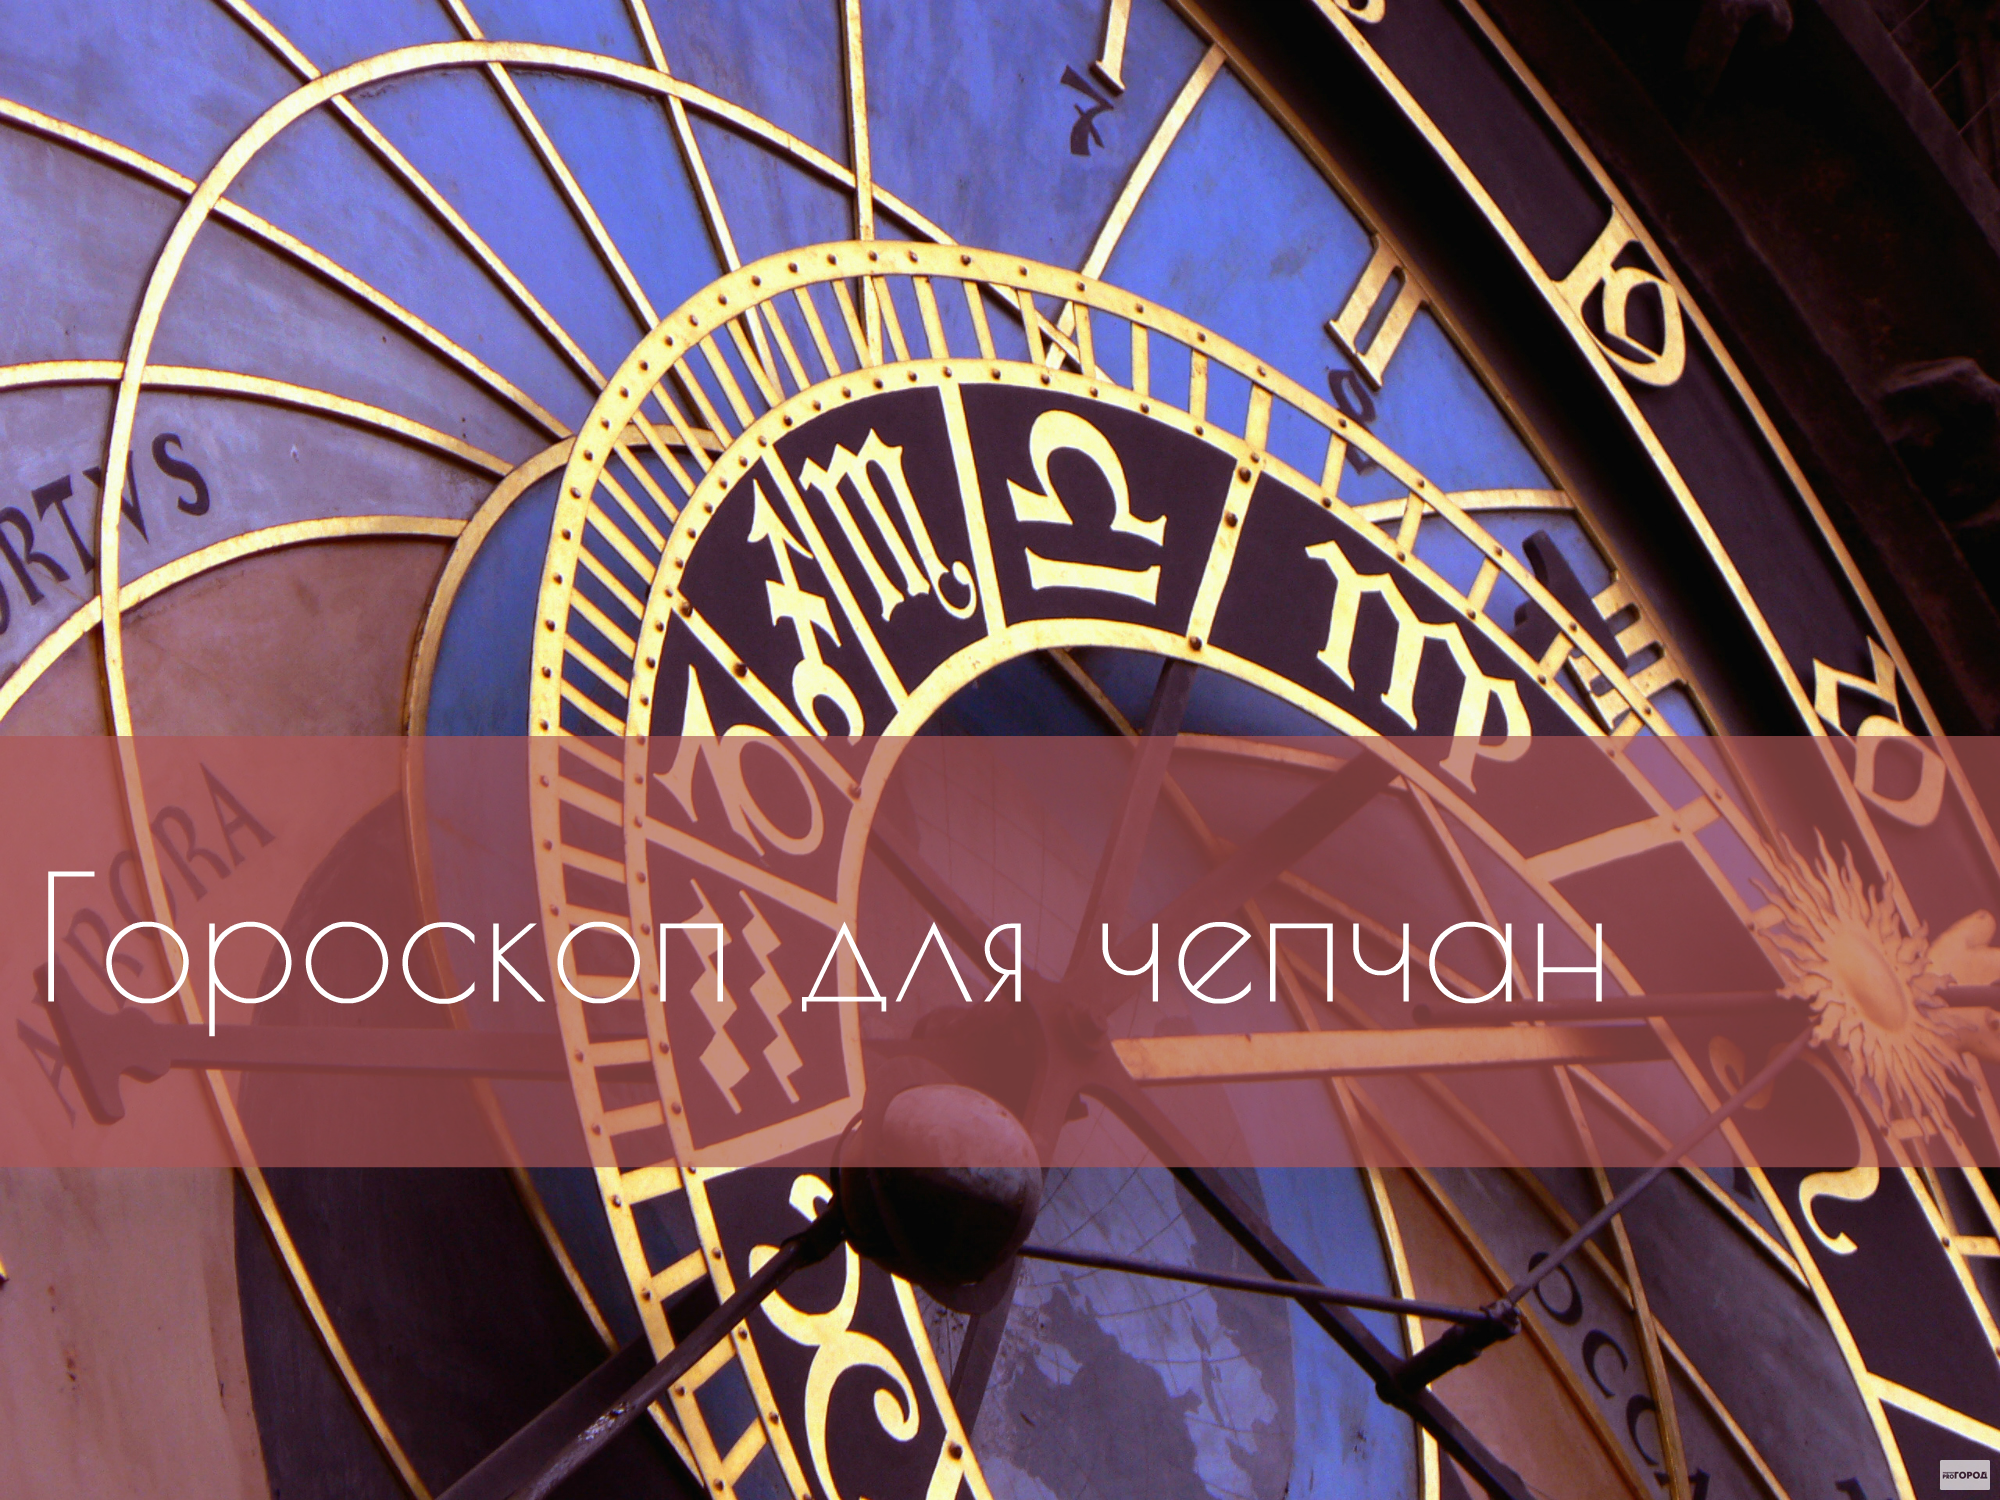 Гороскоп на неделю с 26 октября по 1 ноября 2015 года для кировчан